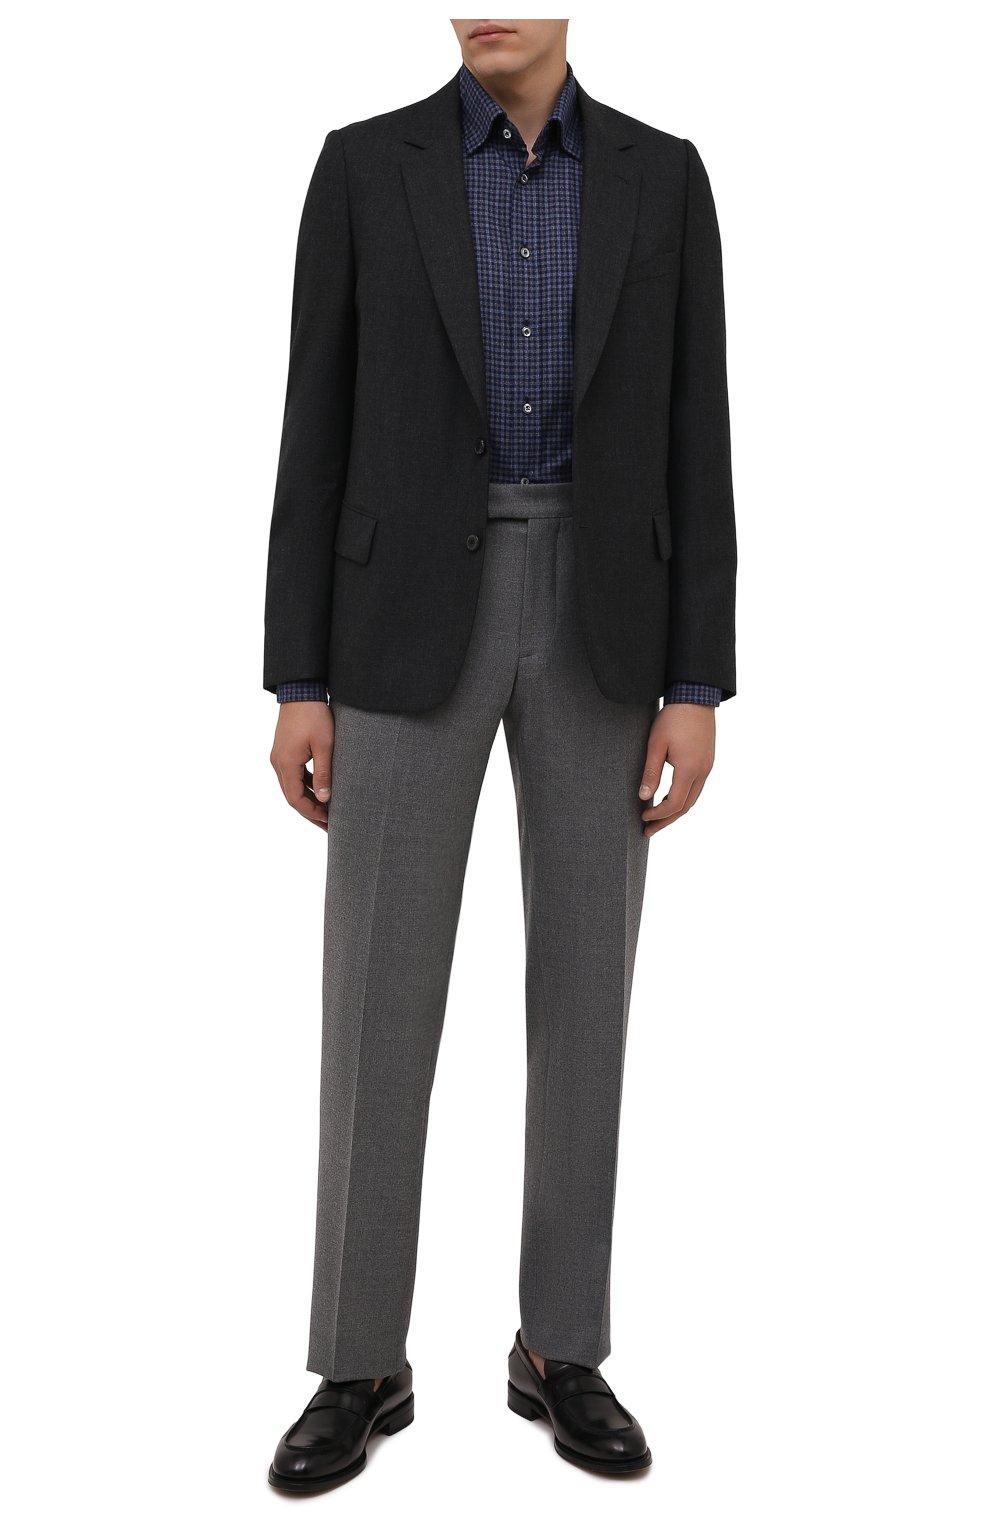 Мужская хлопковая рубашка VAN LAACK темно-синего цвета, арт. RADIL-SF/156538 | Фото 2 (Манжеты: На пуговицах; Принт: Клетка; Воротник: Кент; Рукава: Длинные; Случай: Повседневный; Длина (для топов): Стандартные; Рубашки М: Slim Fit; Материал внешний: Хлопок; Стили: Кэжуэл)